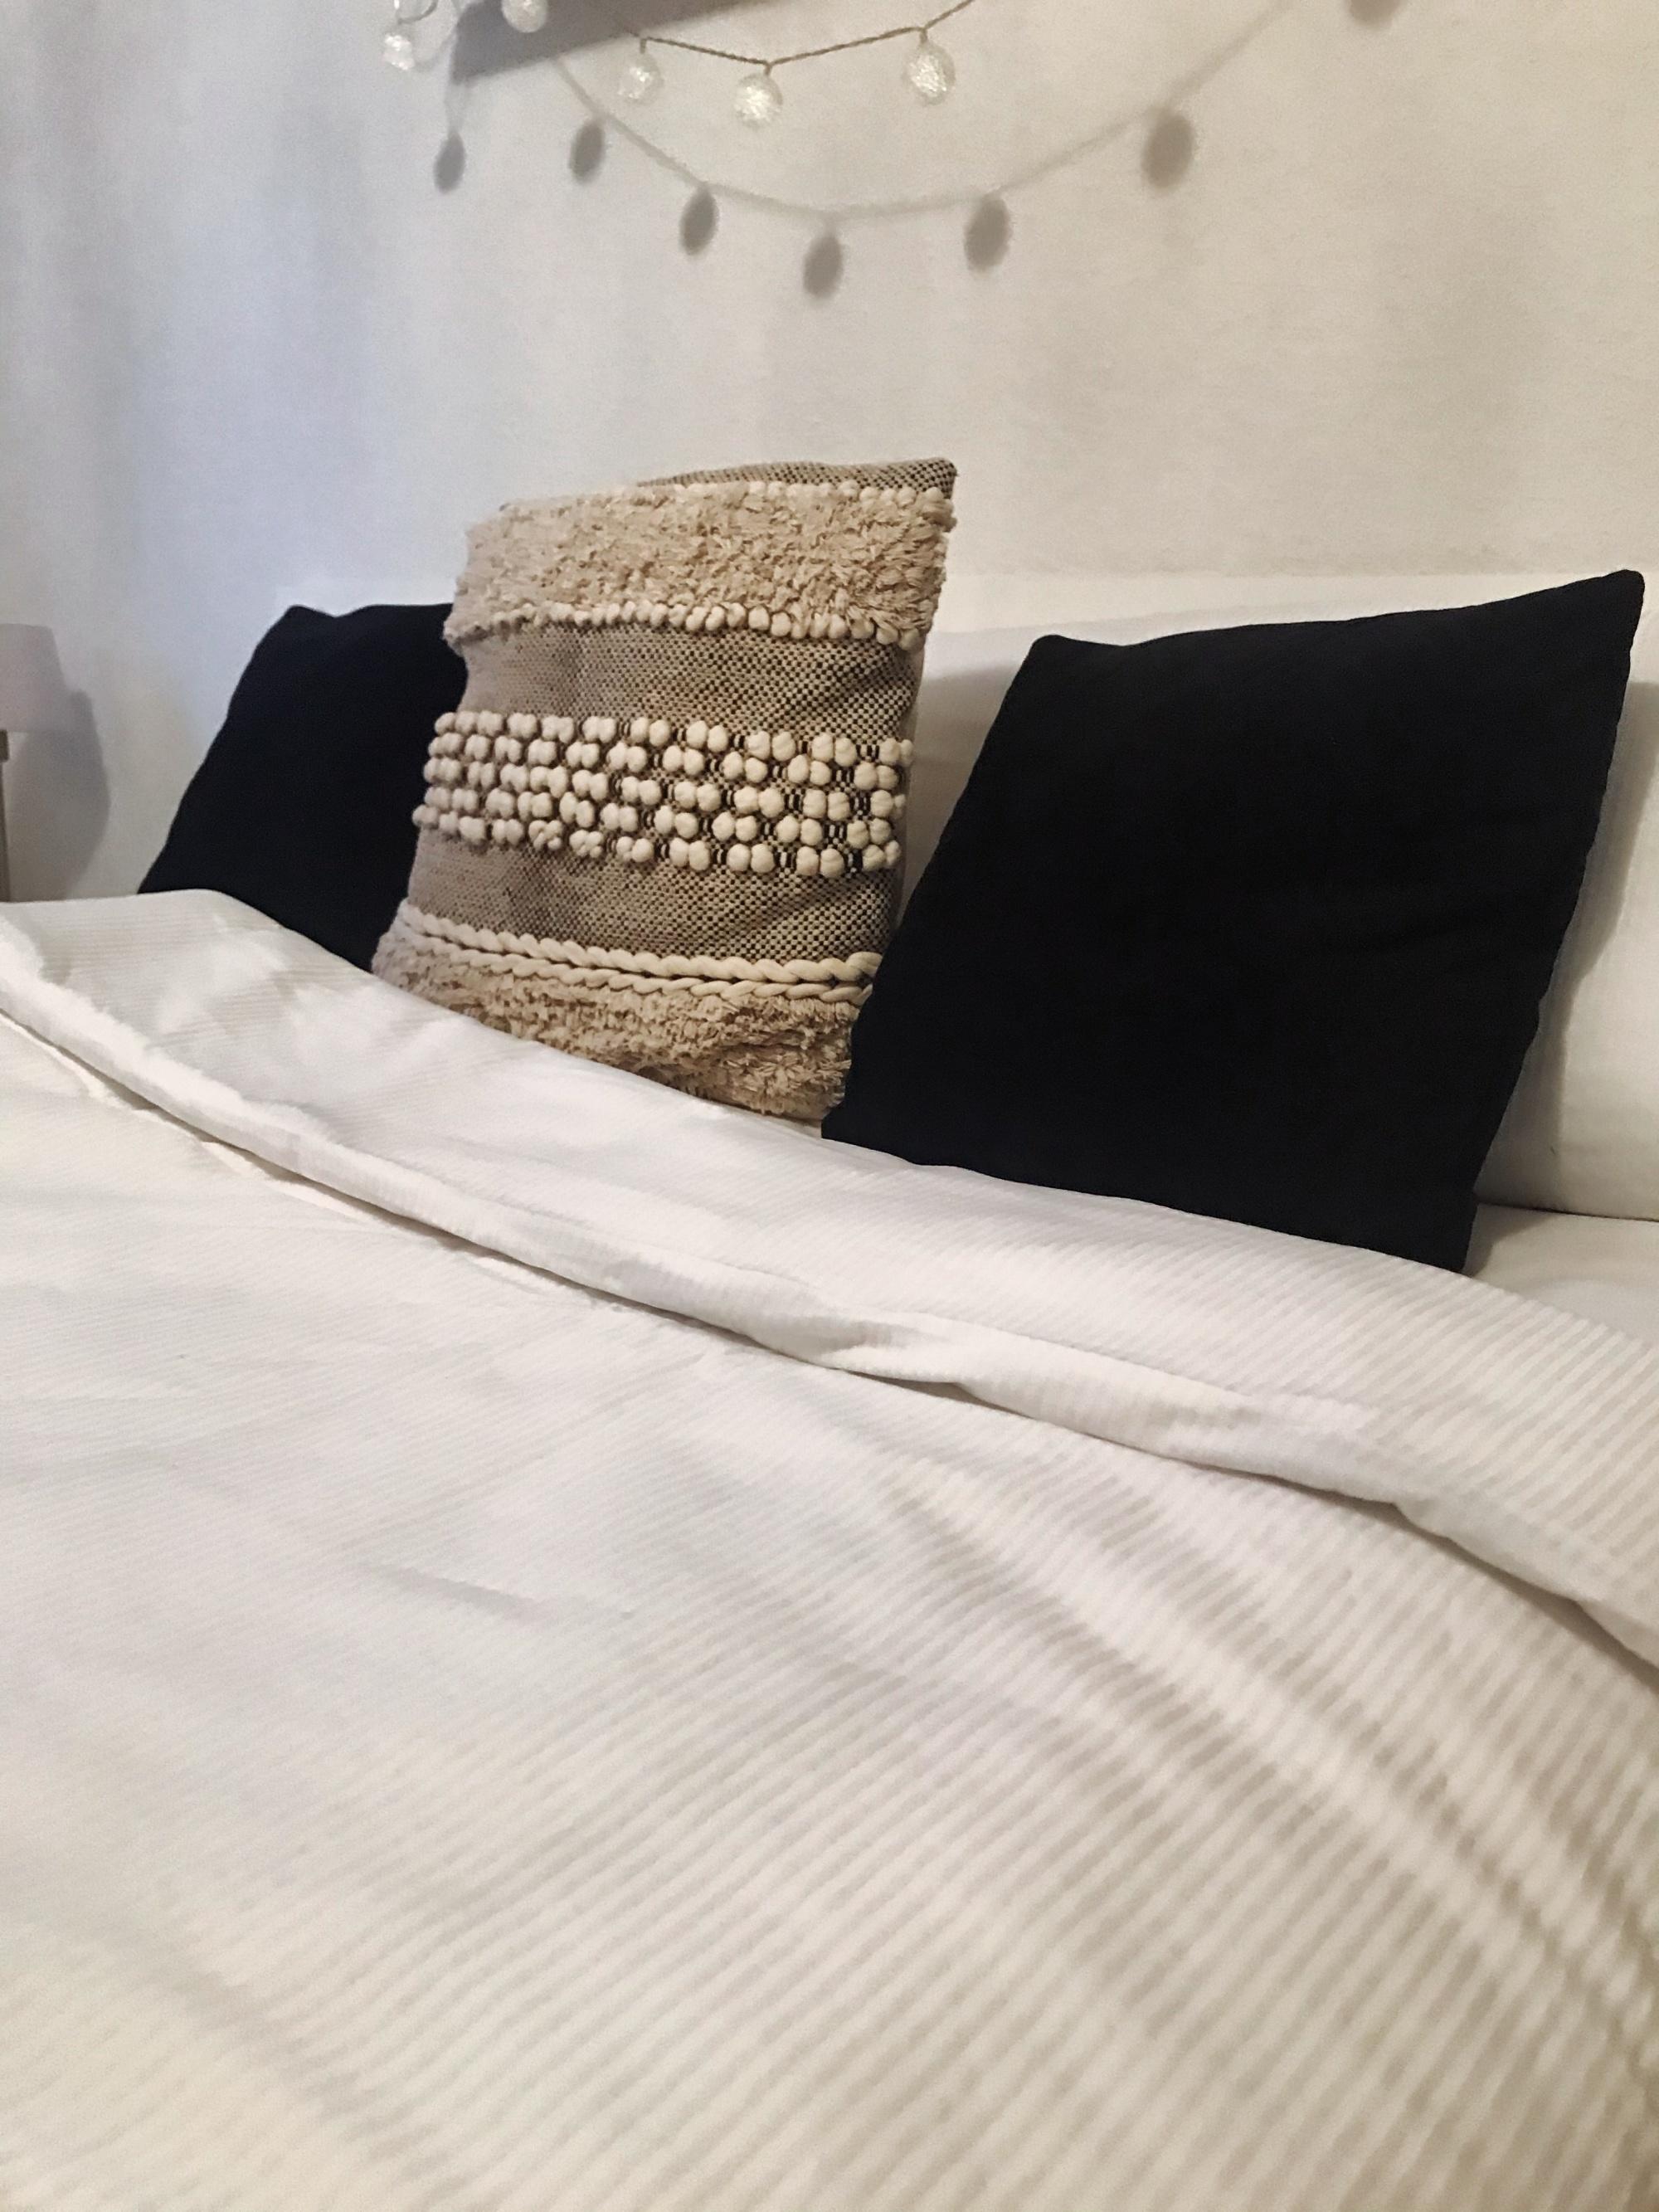 Bettwäsche (2-tlg.) 100% Baumwolle, weiß, versch. Design